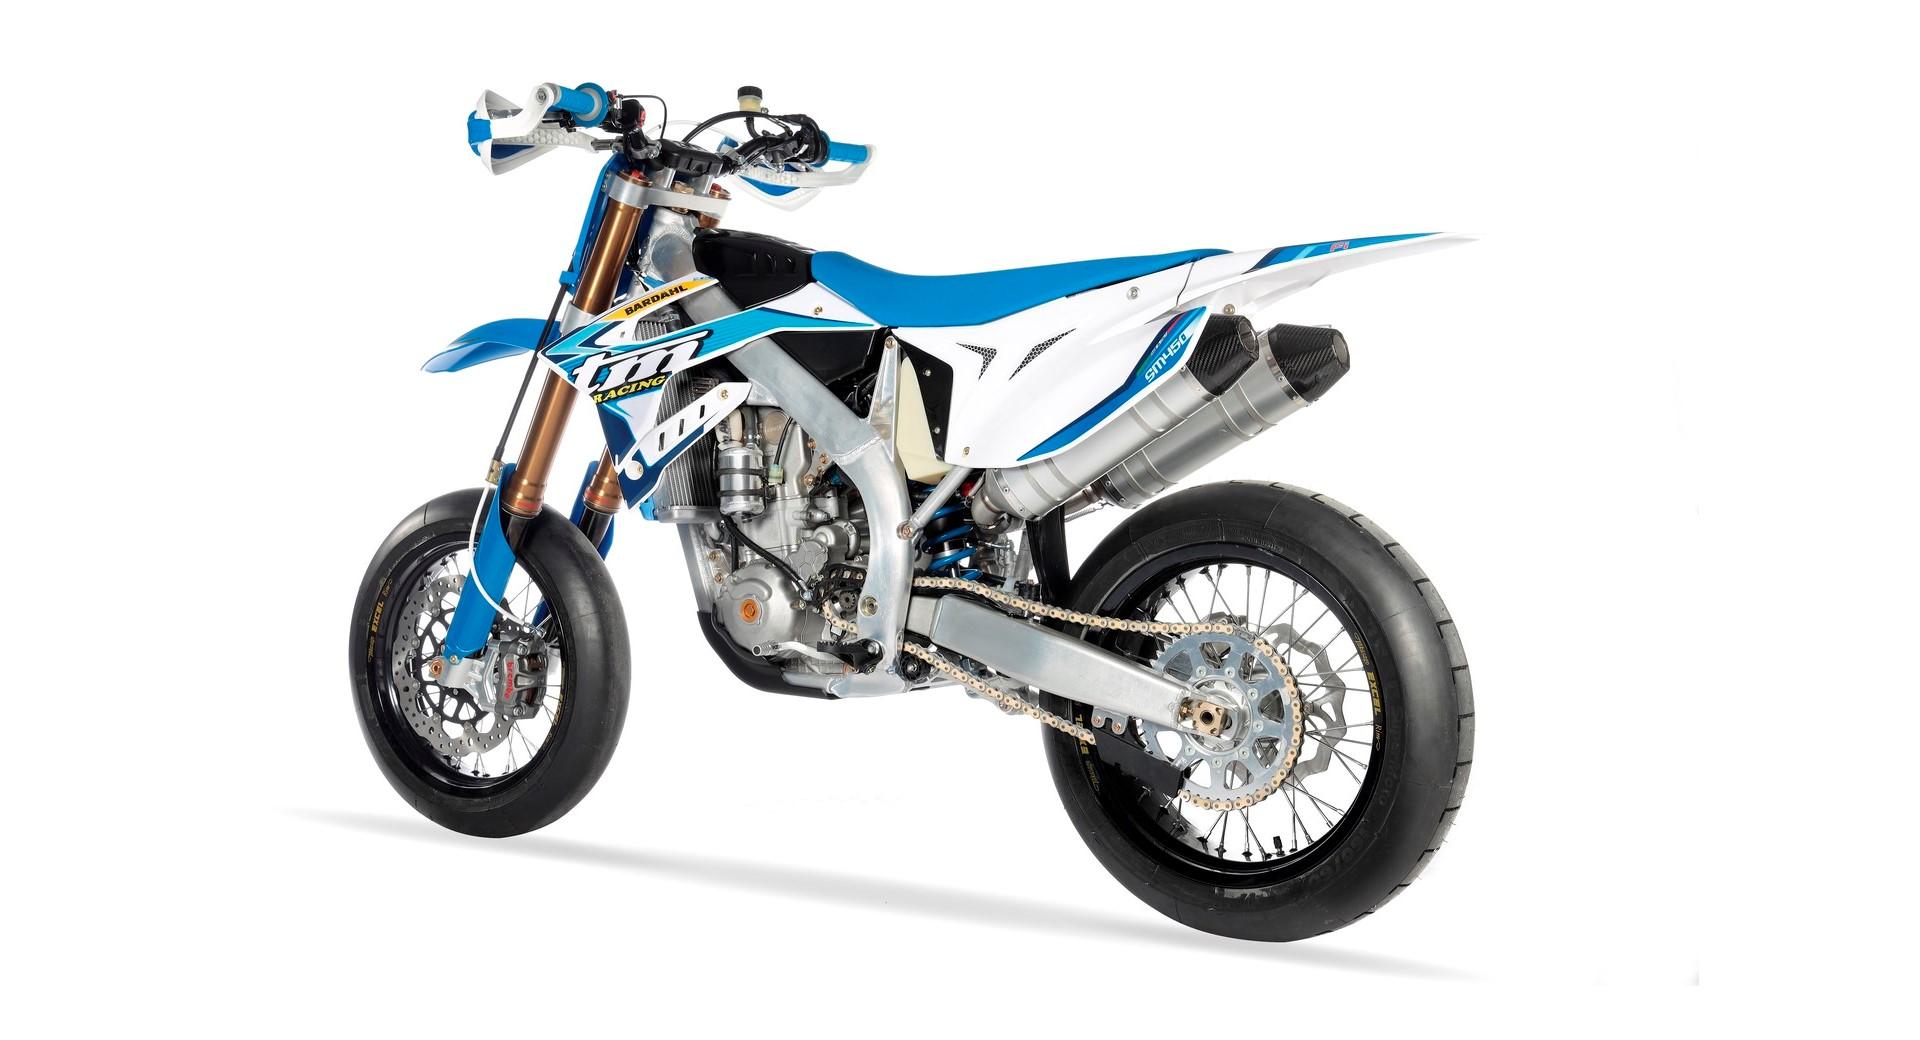 SMX 450 Fi 4T 04